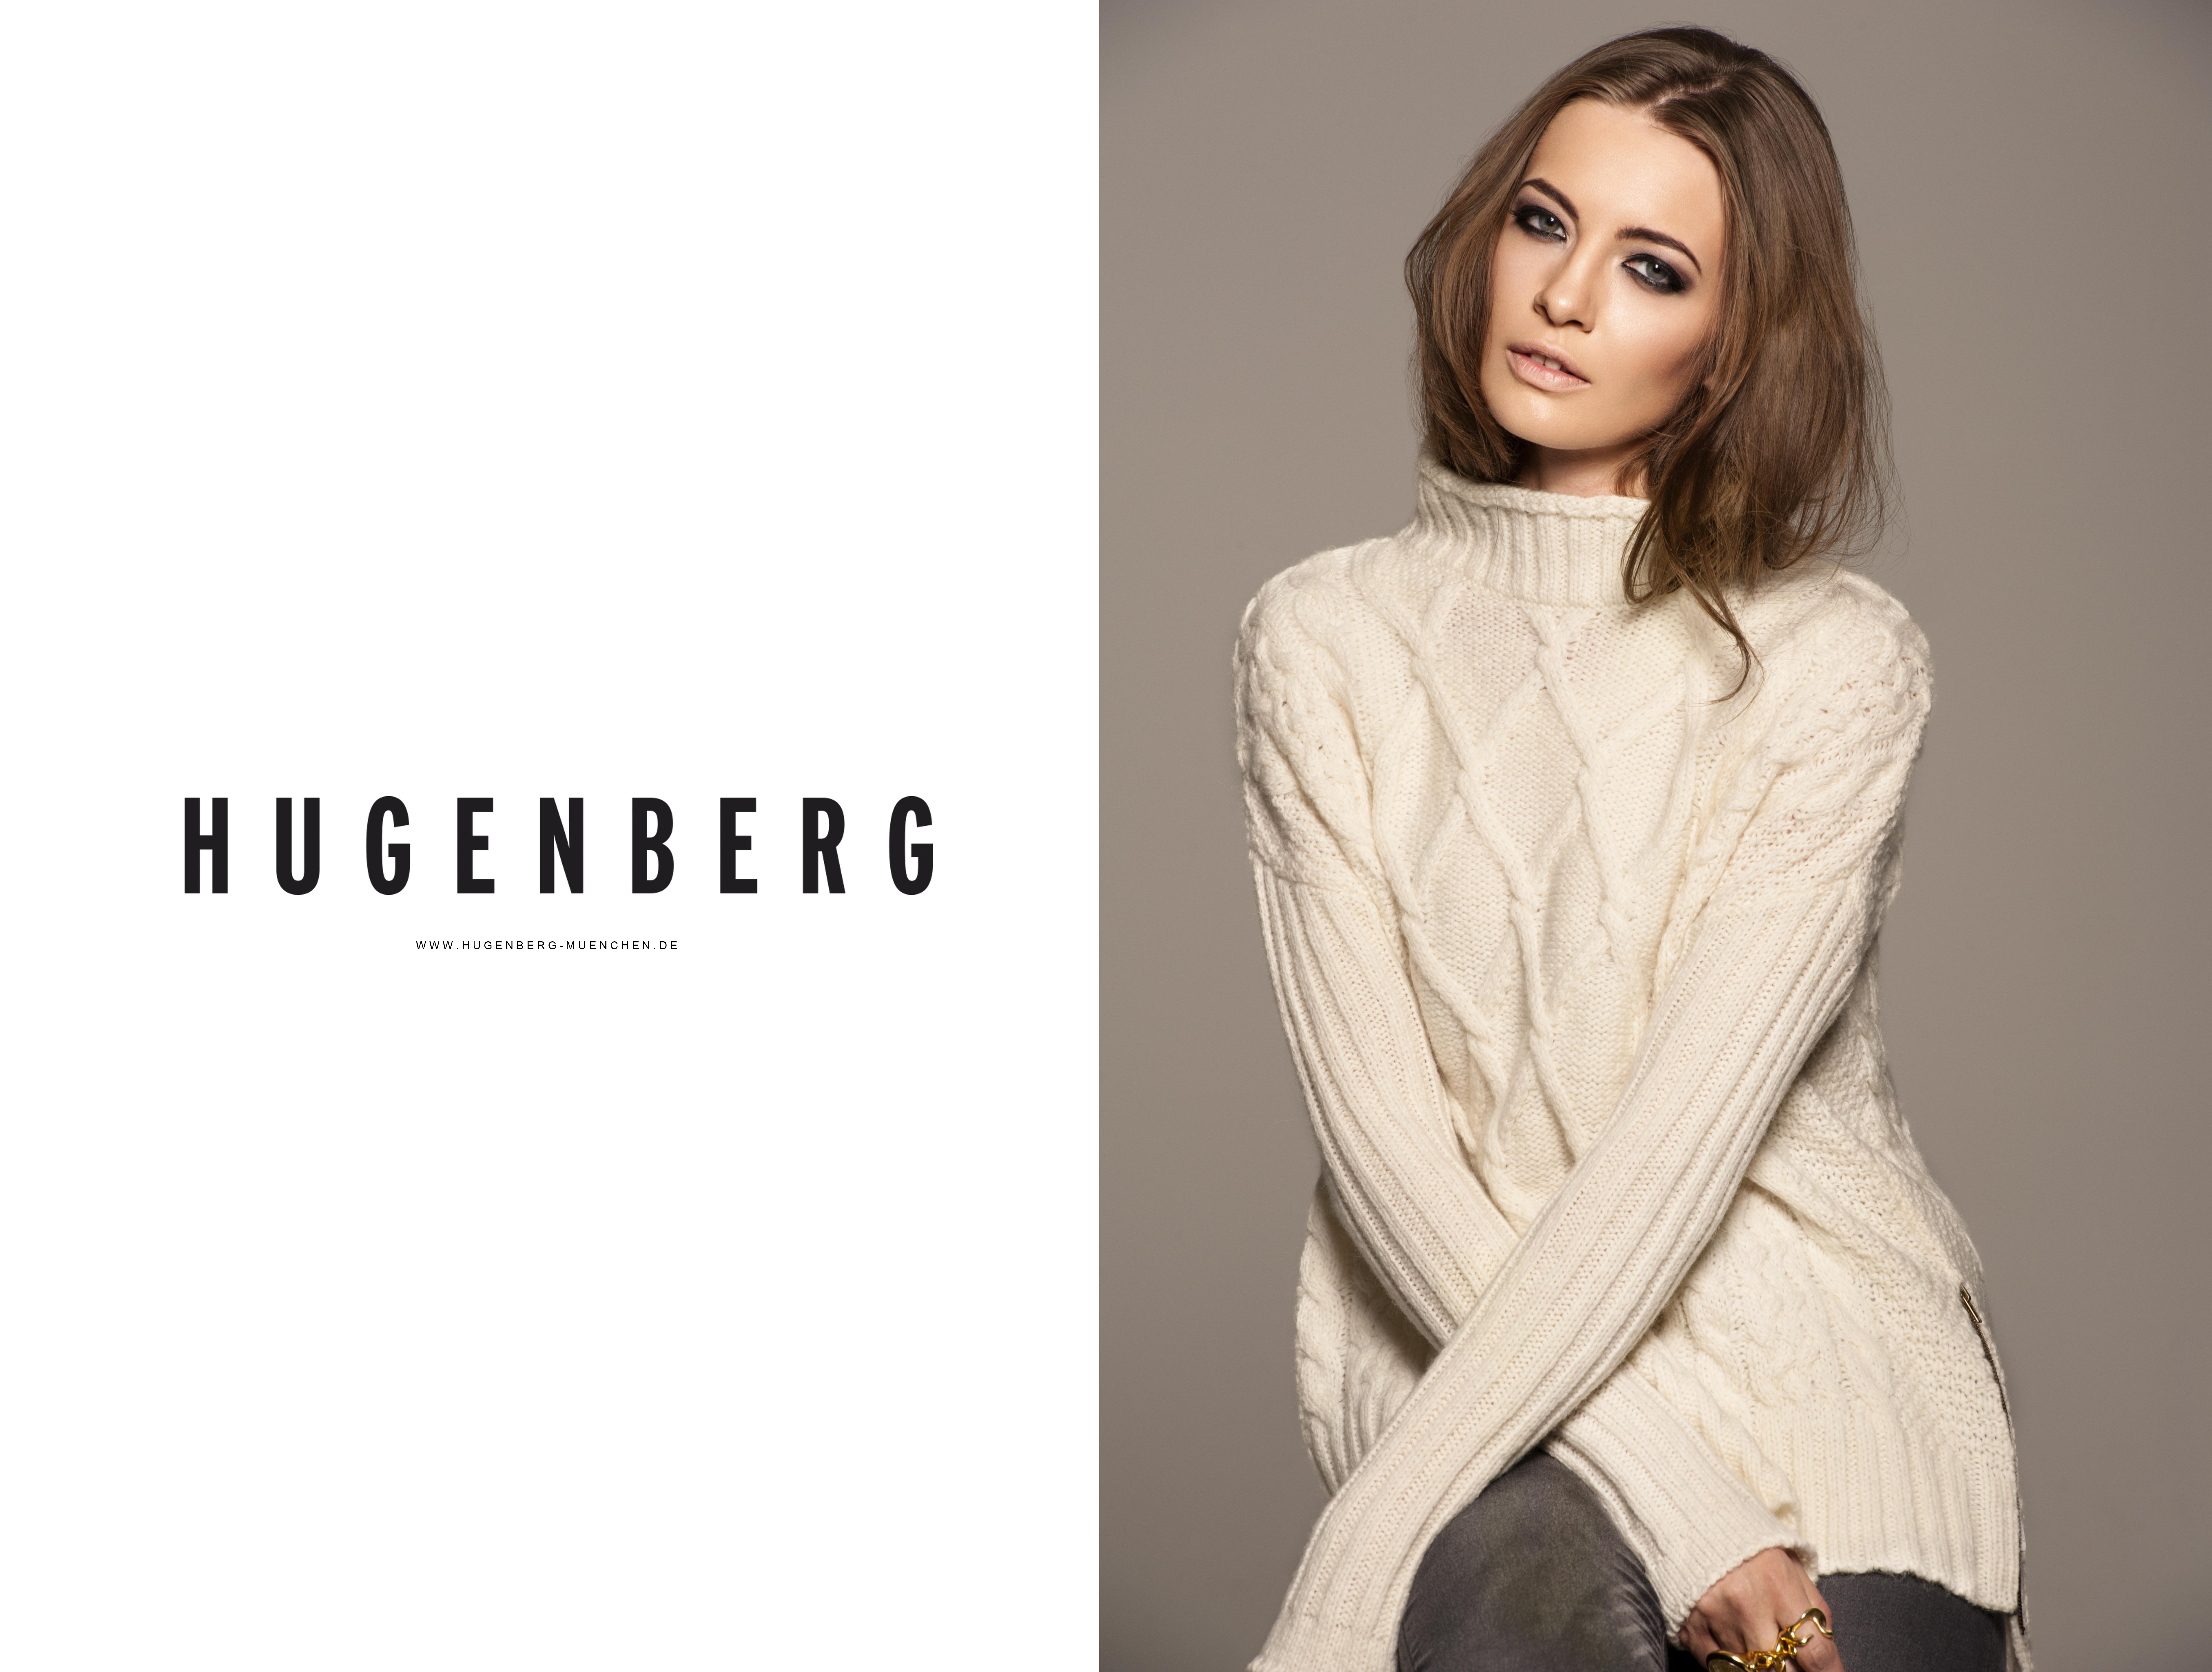 HUGENBERG